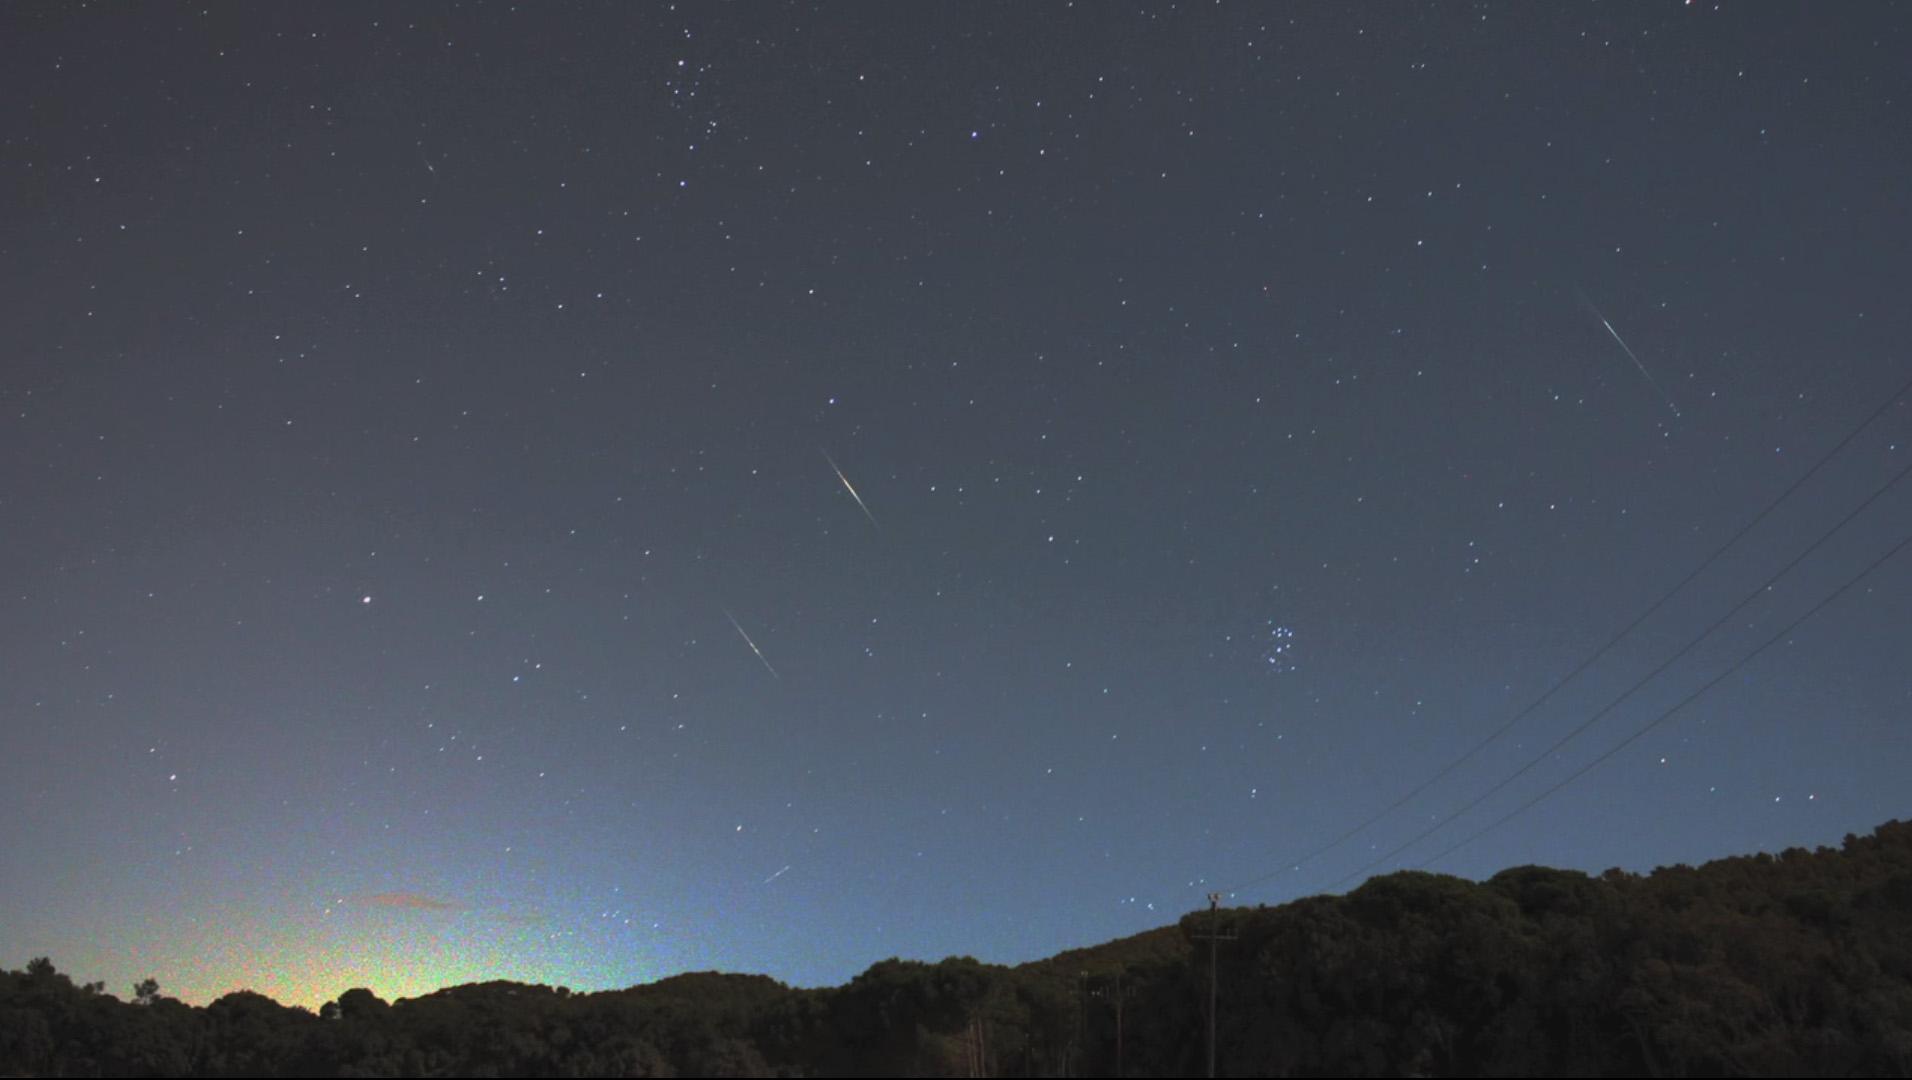 Las Dracónidas de 2011 arrojaron una tonelada de partículas sobre la Tierra